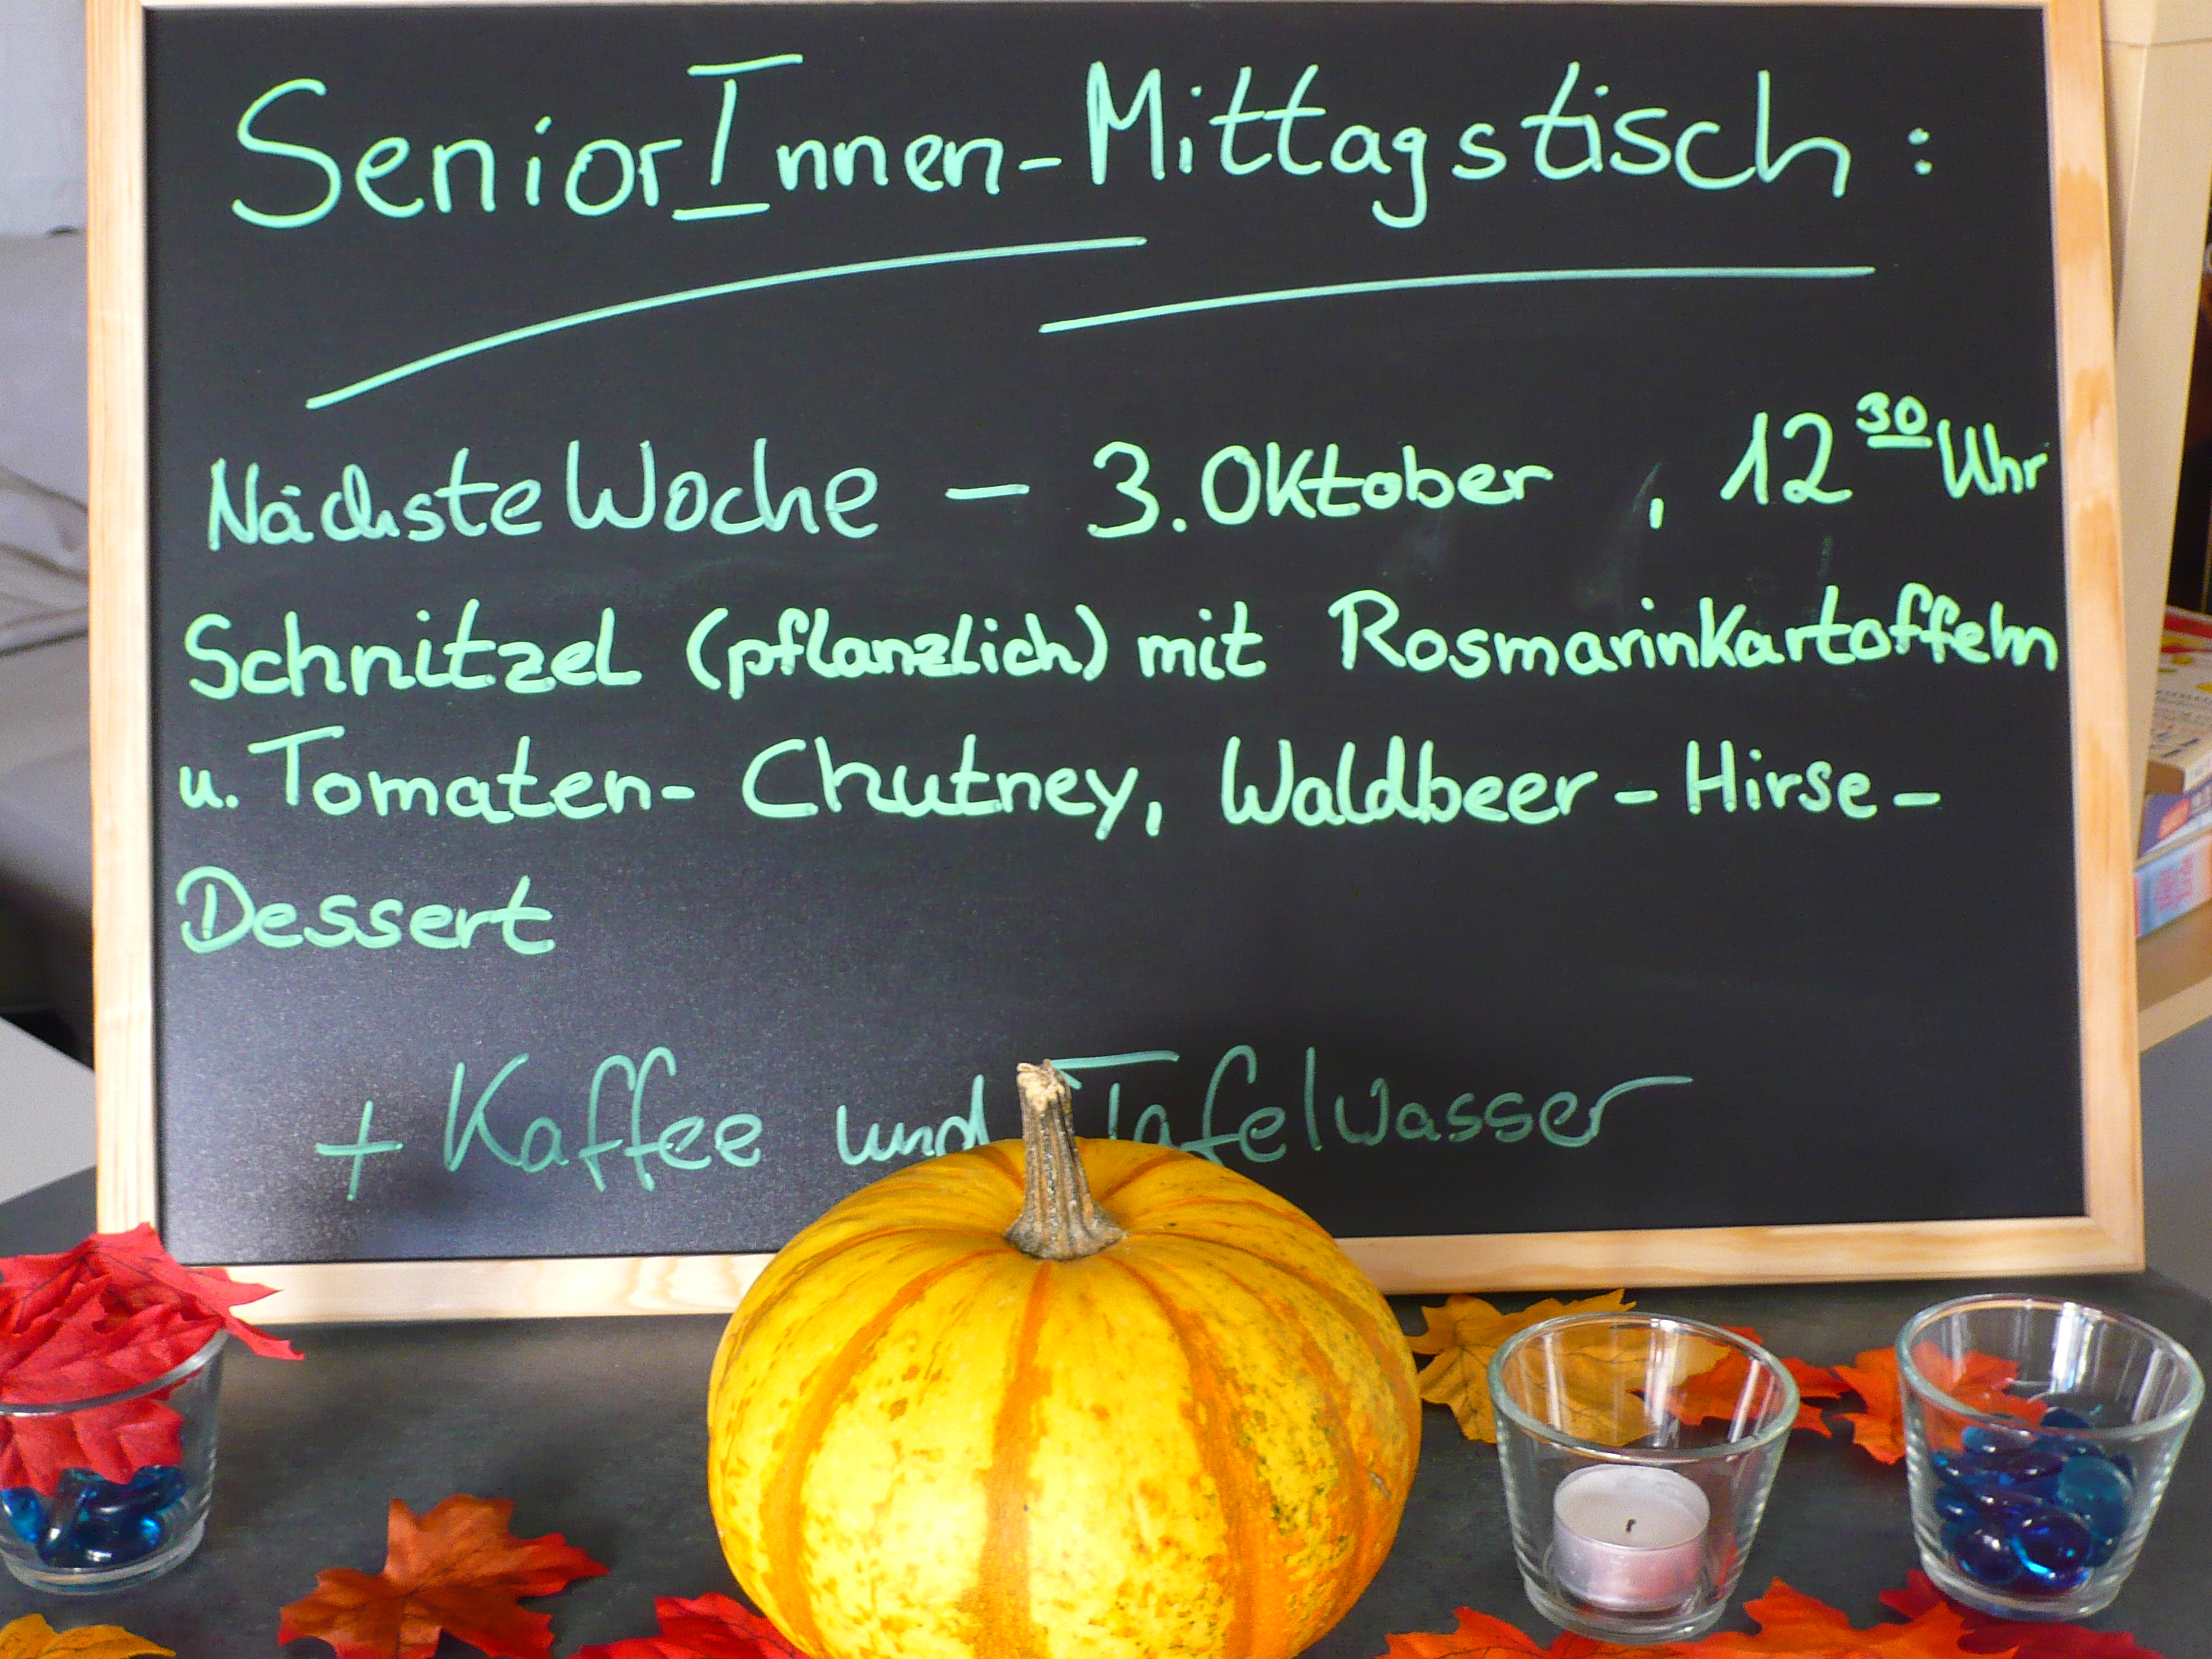 Schöner SeniorInnen-Mittagstisch am 03. Oktober – ein Bericht